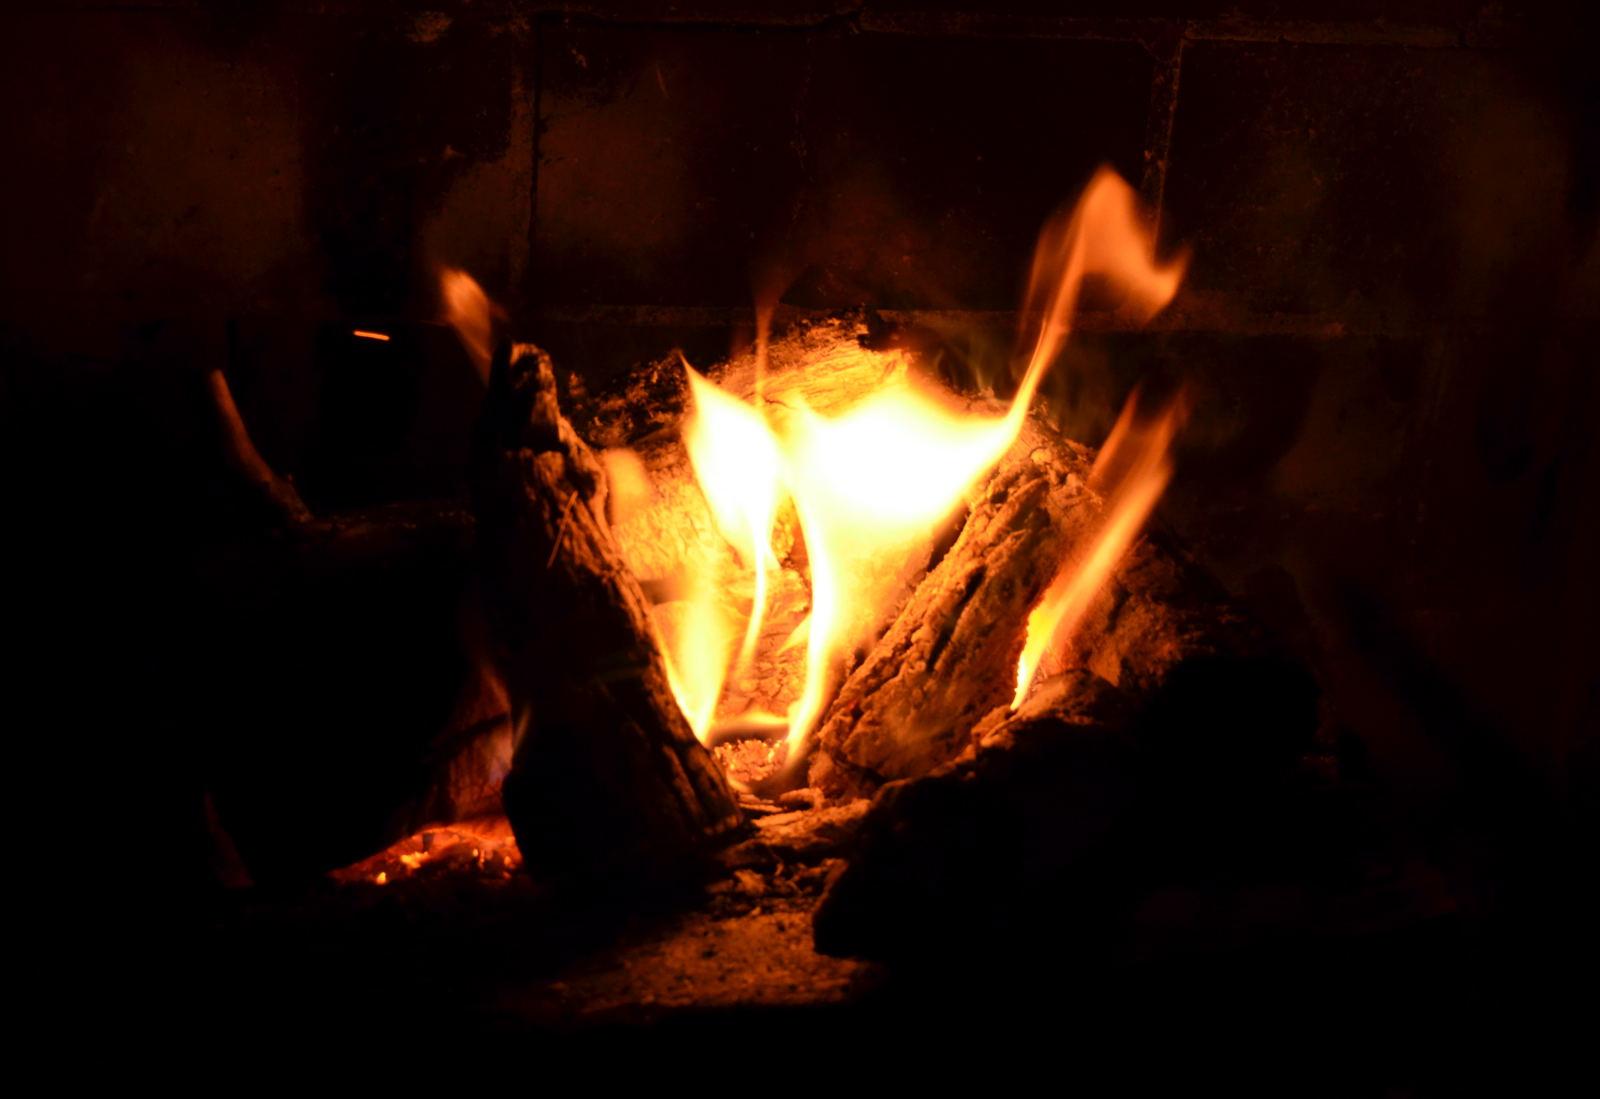 【賃貸経営・不動産管理】所有の不動産がもらい火の被害を受けた時は?